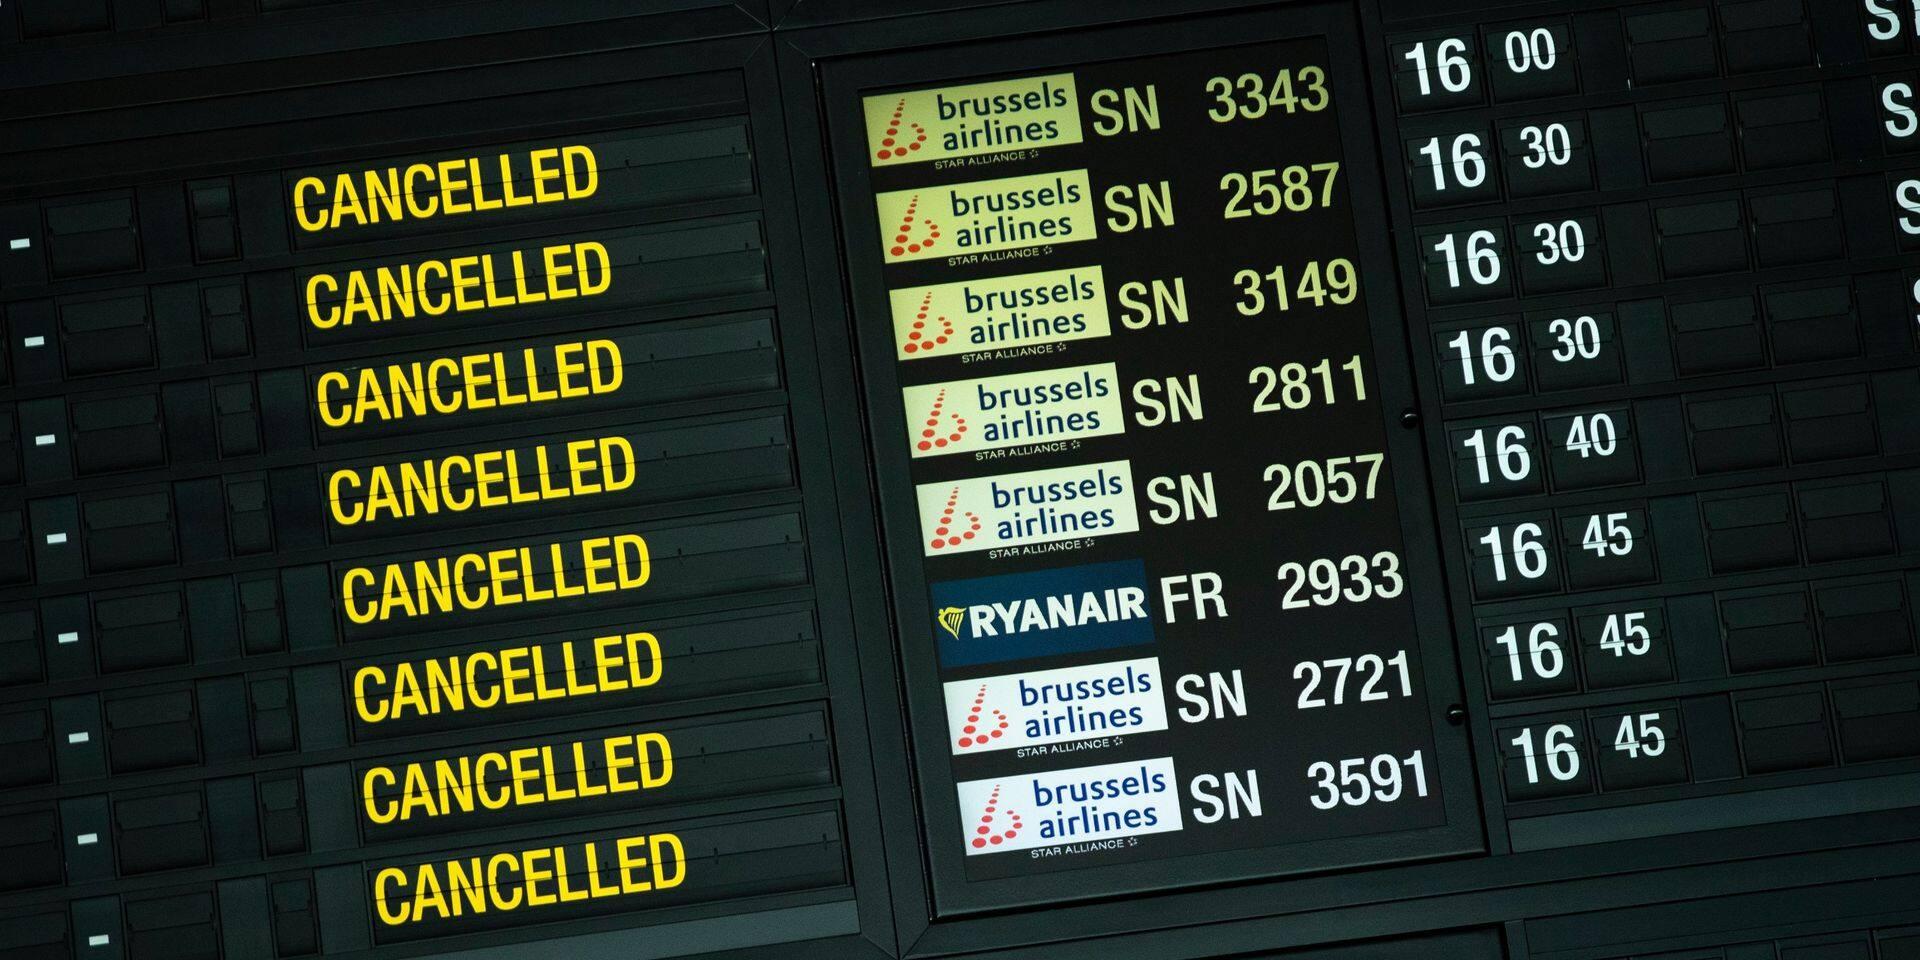 La pandémie a eu un impact important sur les aéroports belges: le nombre de passagers a diminué de trois quarts, les vols de moitié